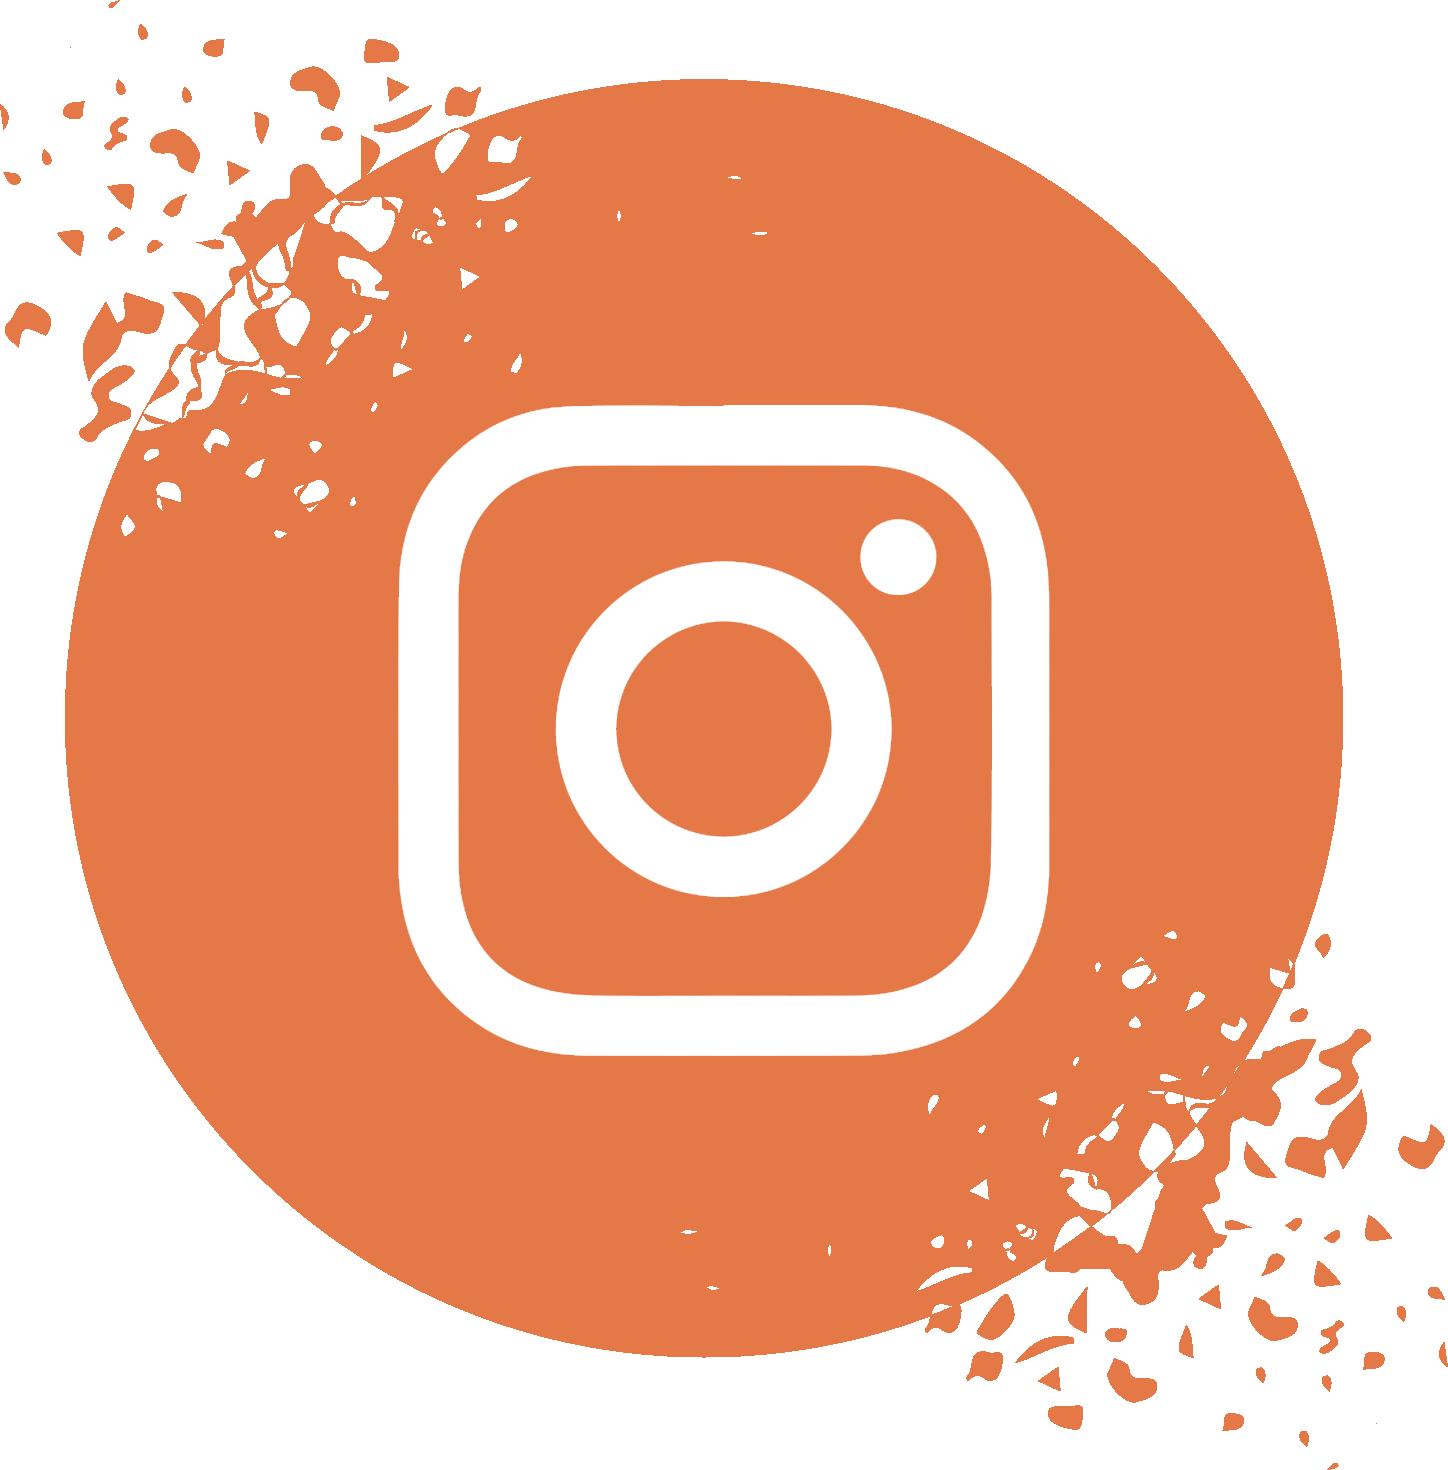 Suivez-moi sur Instagram - la magie de l'Être